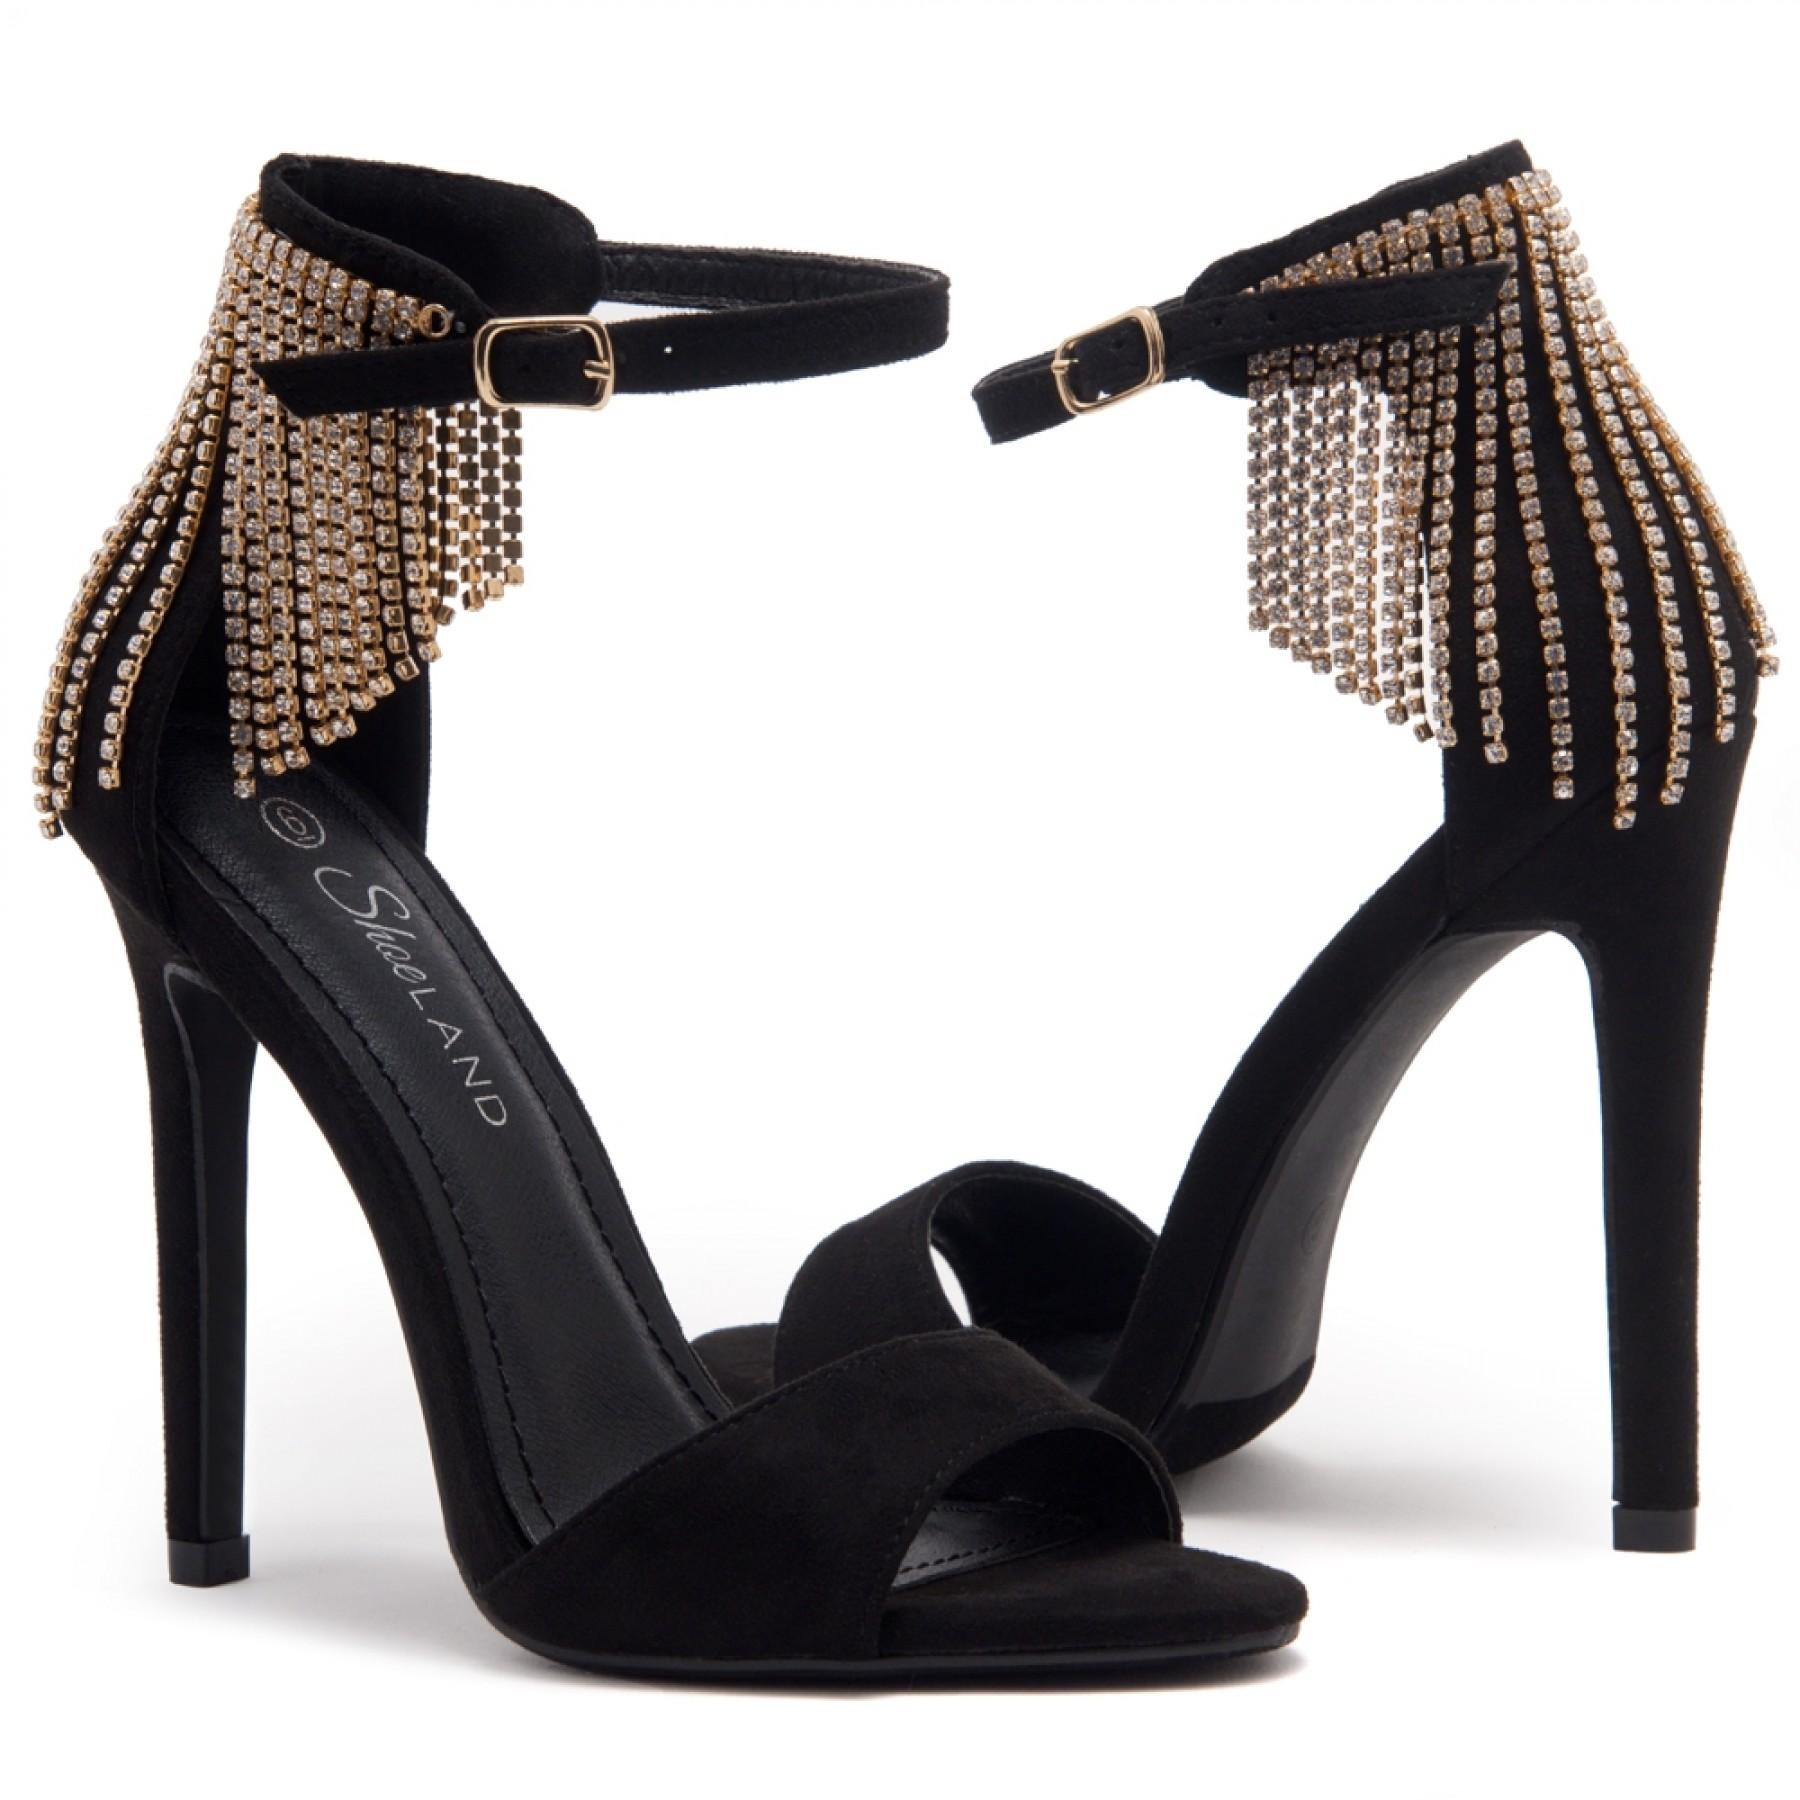 Shoe Land Charming- Rhinestone Tassel Ankle Strap Open Toe Stiletto Heel (1836/BLK)